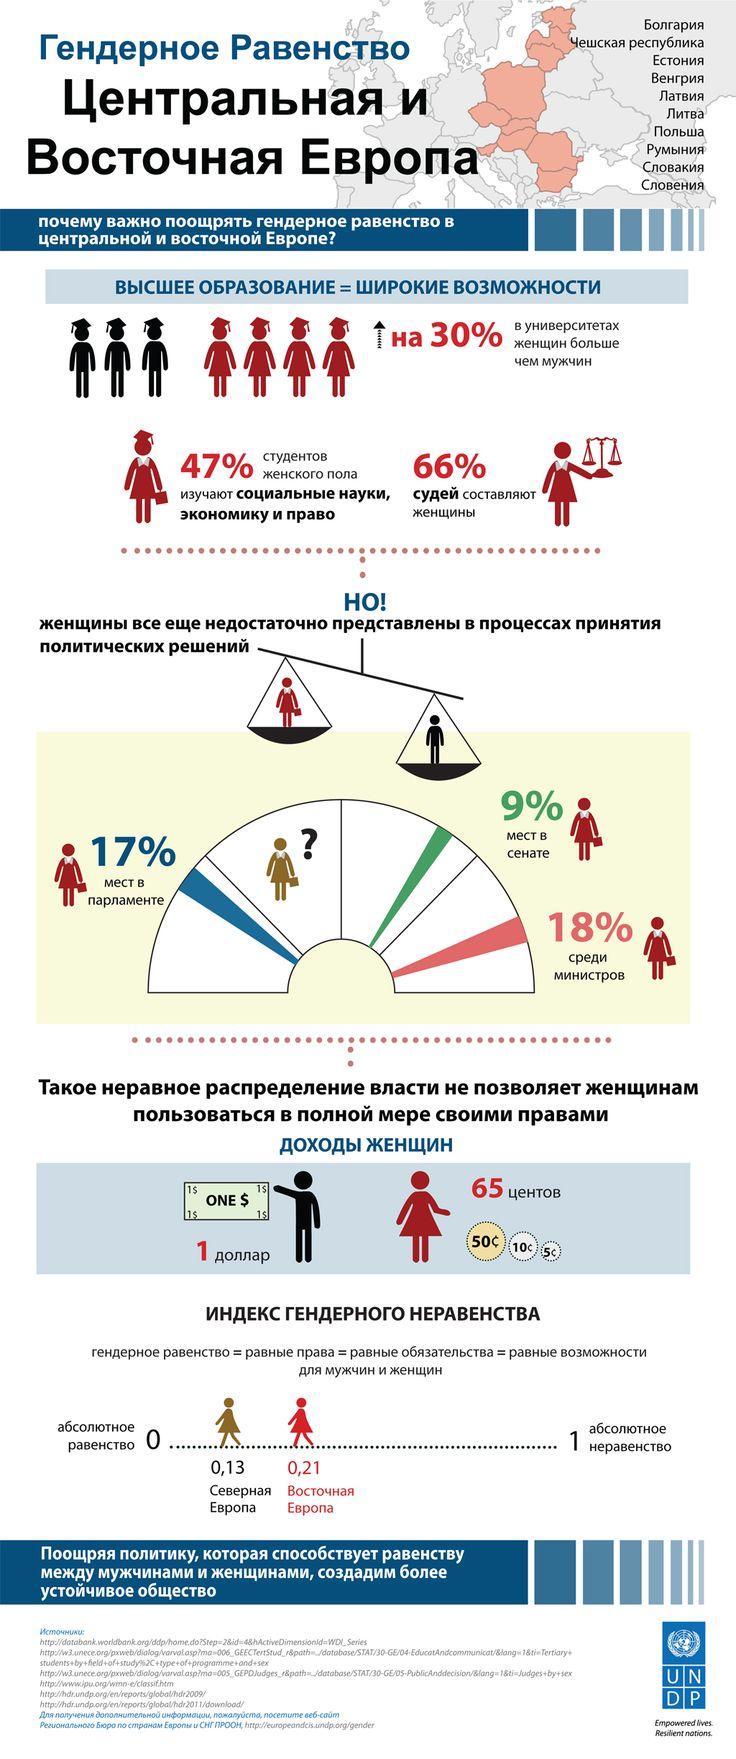 Почему важно поощрять гендерное равенство в Центральной и Восточной Европе?